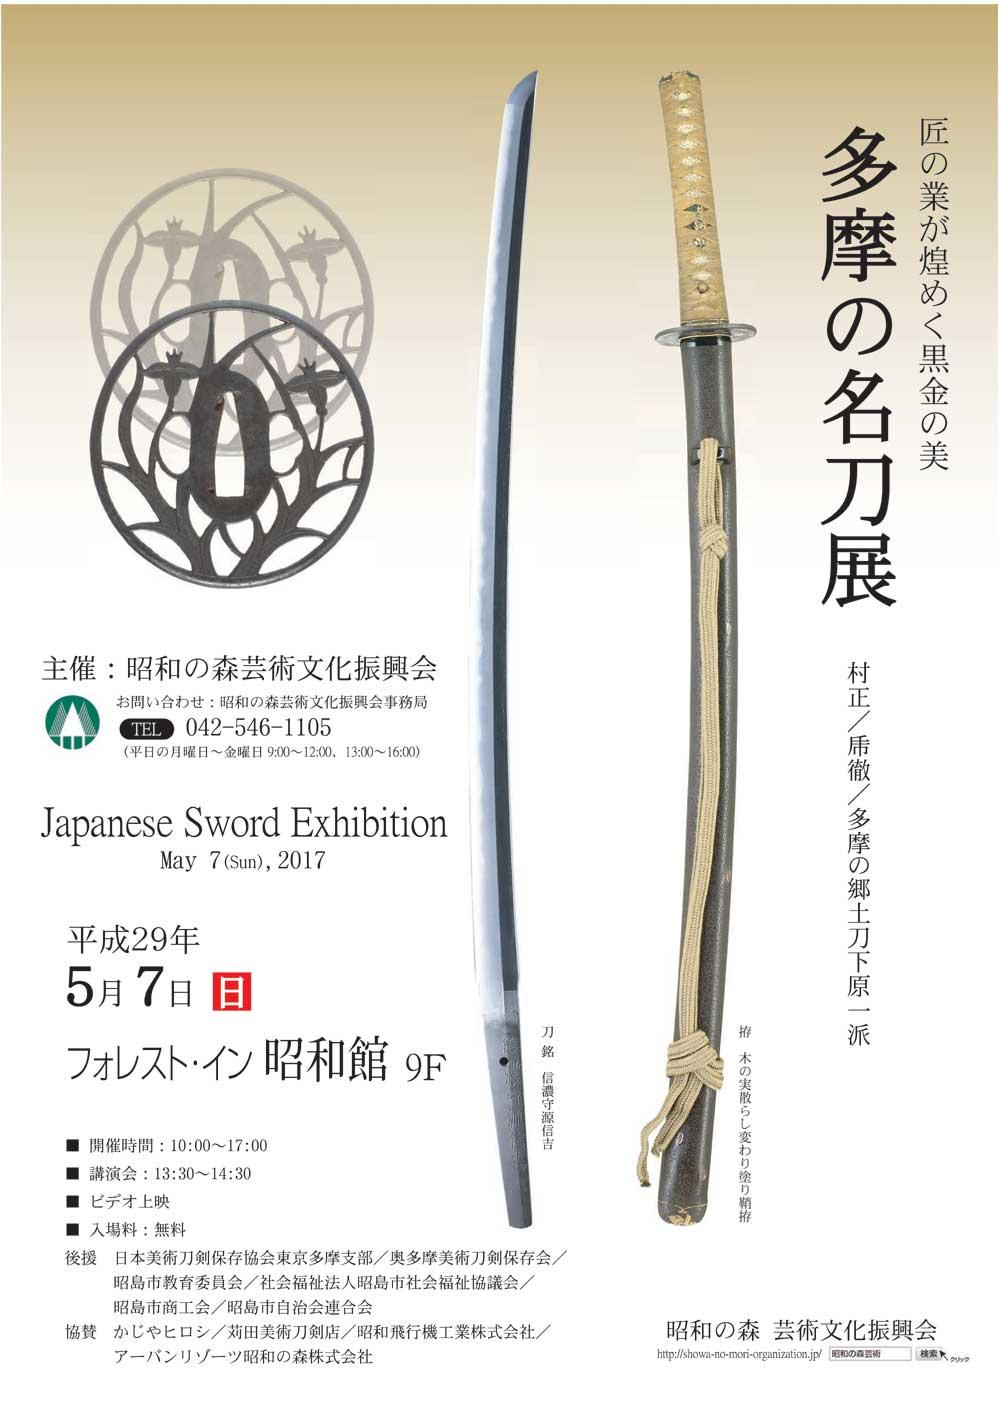 日本刀展示会